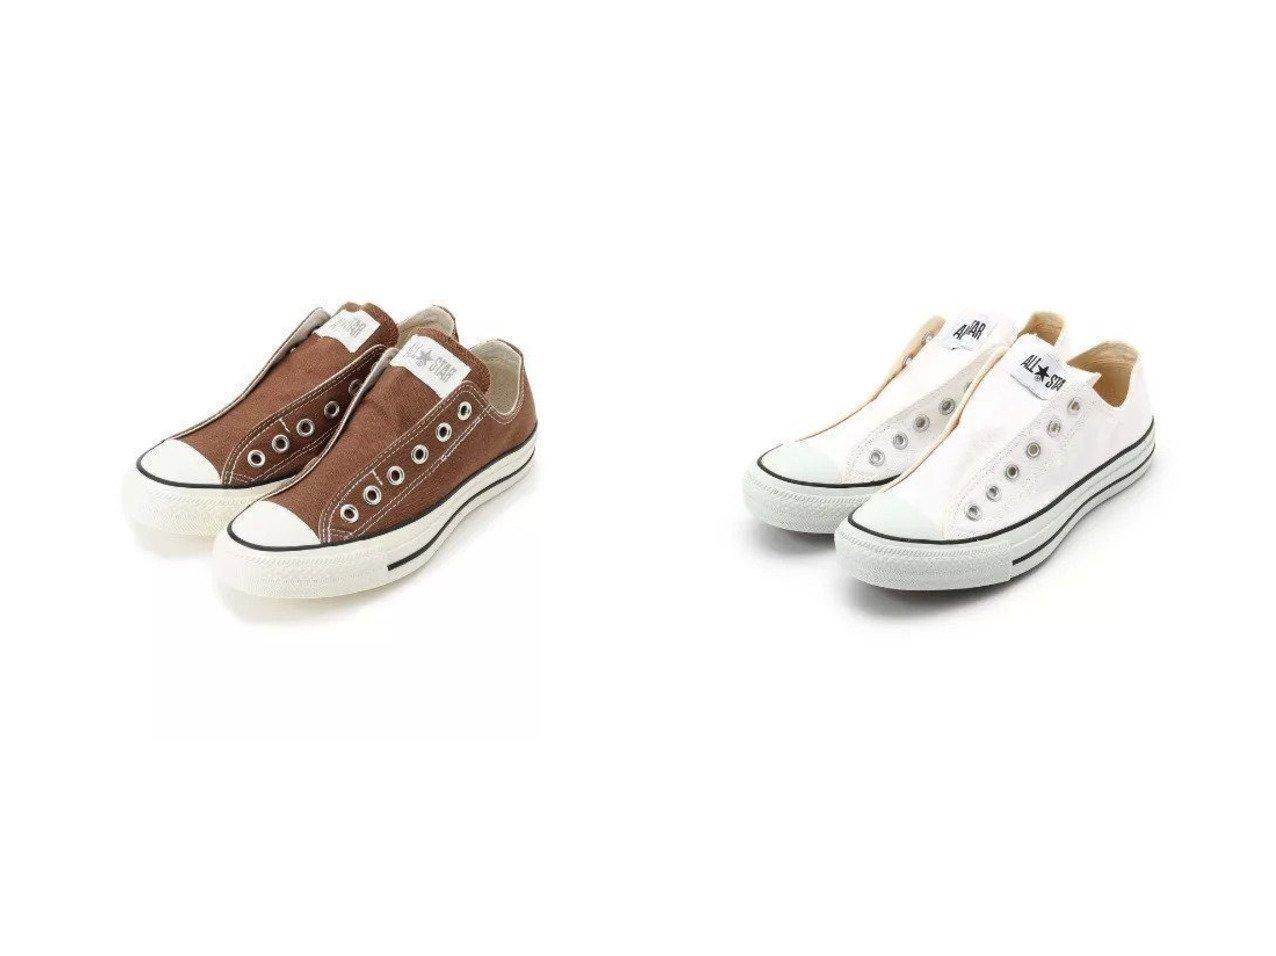 【Couture Brooch/クチュール ブローチ】のCONVERSE ALL STAR スリッポン スニーカー&CONVERSE ALL STAR スリッポン シューズ・靴のおすすめ!人気、トレンド・レディースファッションの通販 おすすめで人気の流行・トレンド、ファッションの通販商品 メンズファッション・キッズファッション・インテリア・家具・レディースファッション・服の通販 founy(ファニー) https://founy.com/ ファッション Fashion レディースファッション WOMEN シューズ シンプル スニーカー スリッポン フィット 定番 Standard おすすめ Recommend 楽ちん |ID:crp329100000022550